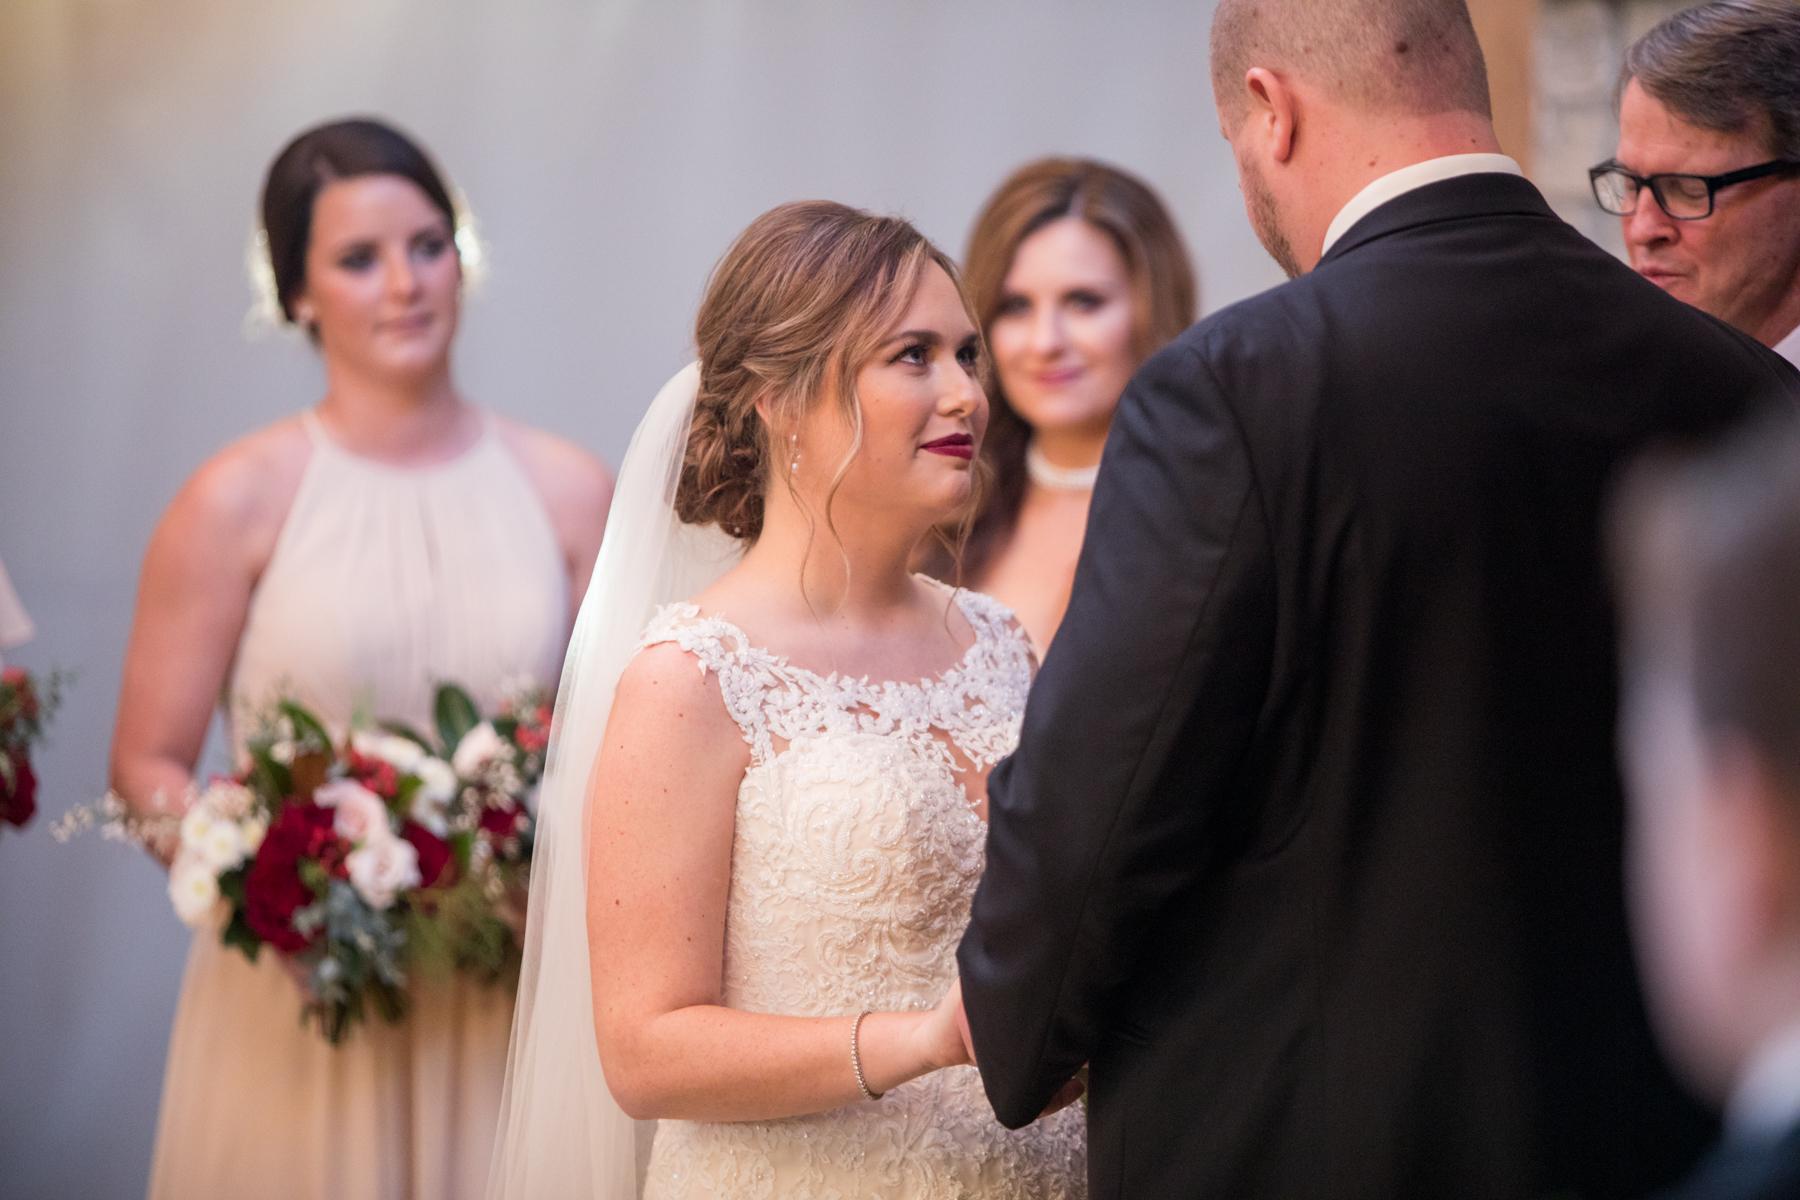 bride-looking-at-groom.jpg